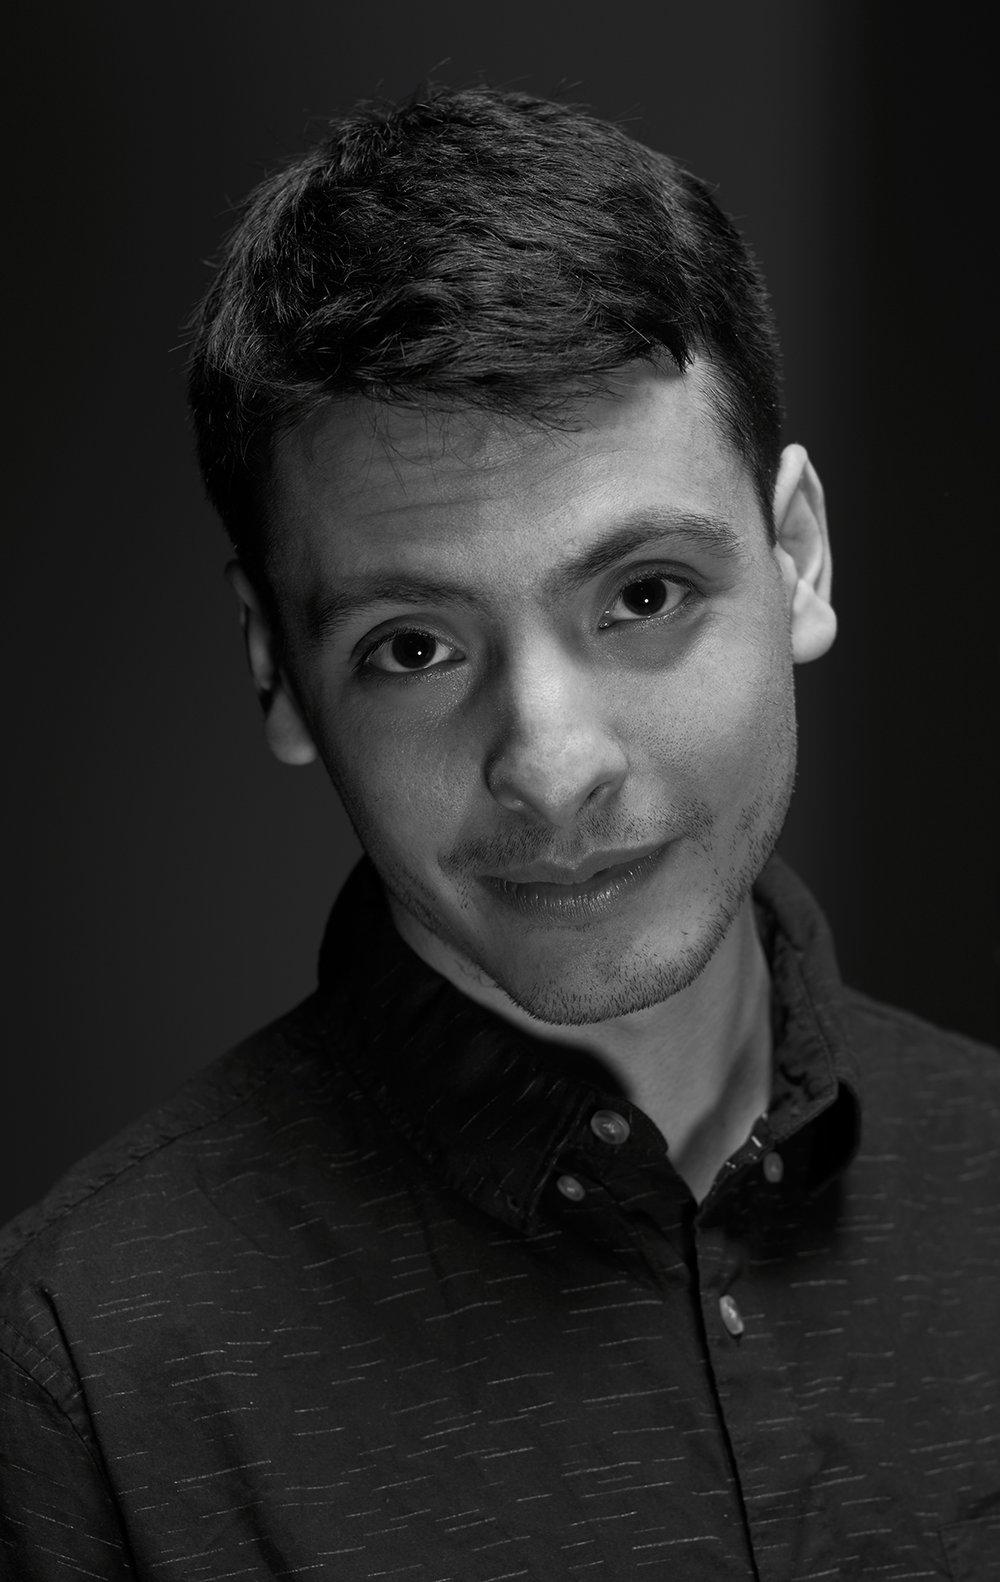 David Valerio